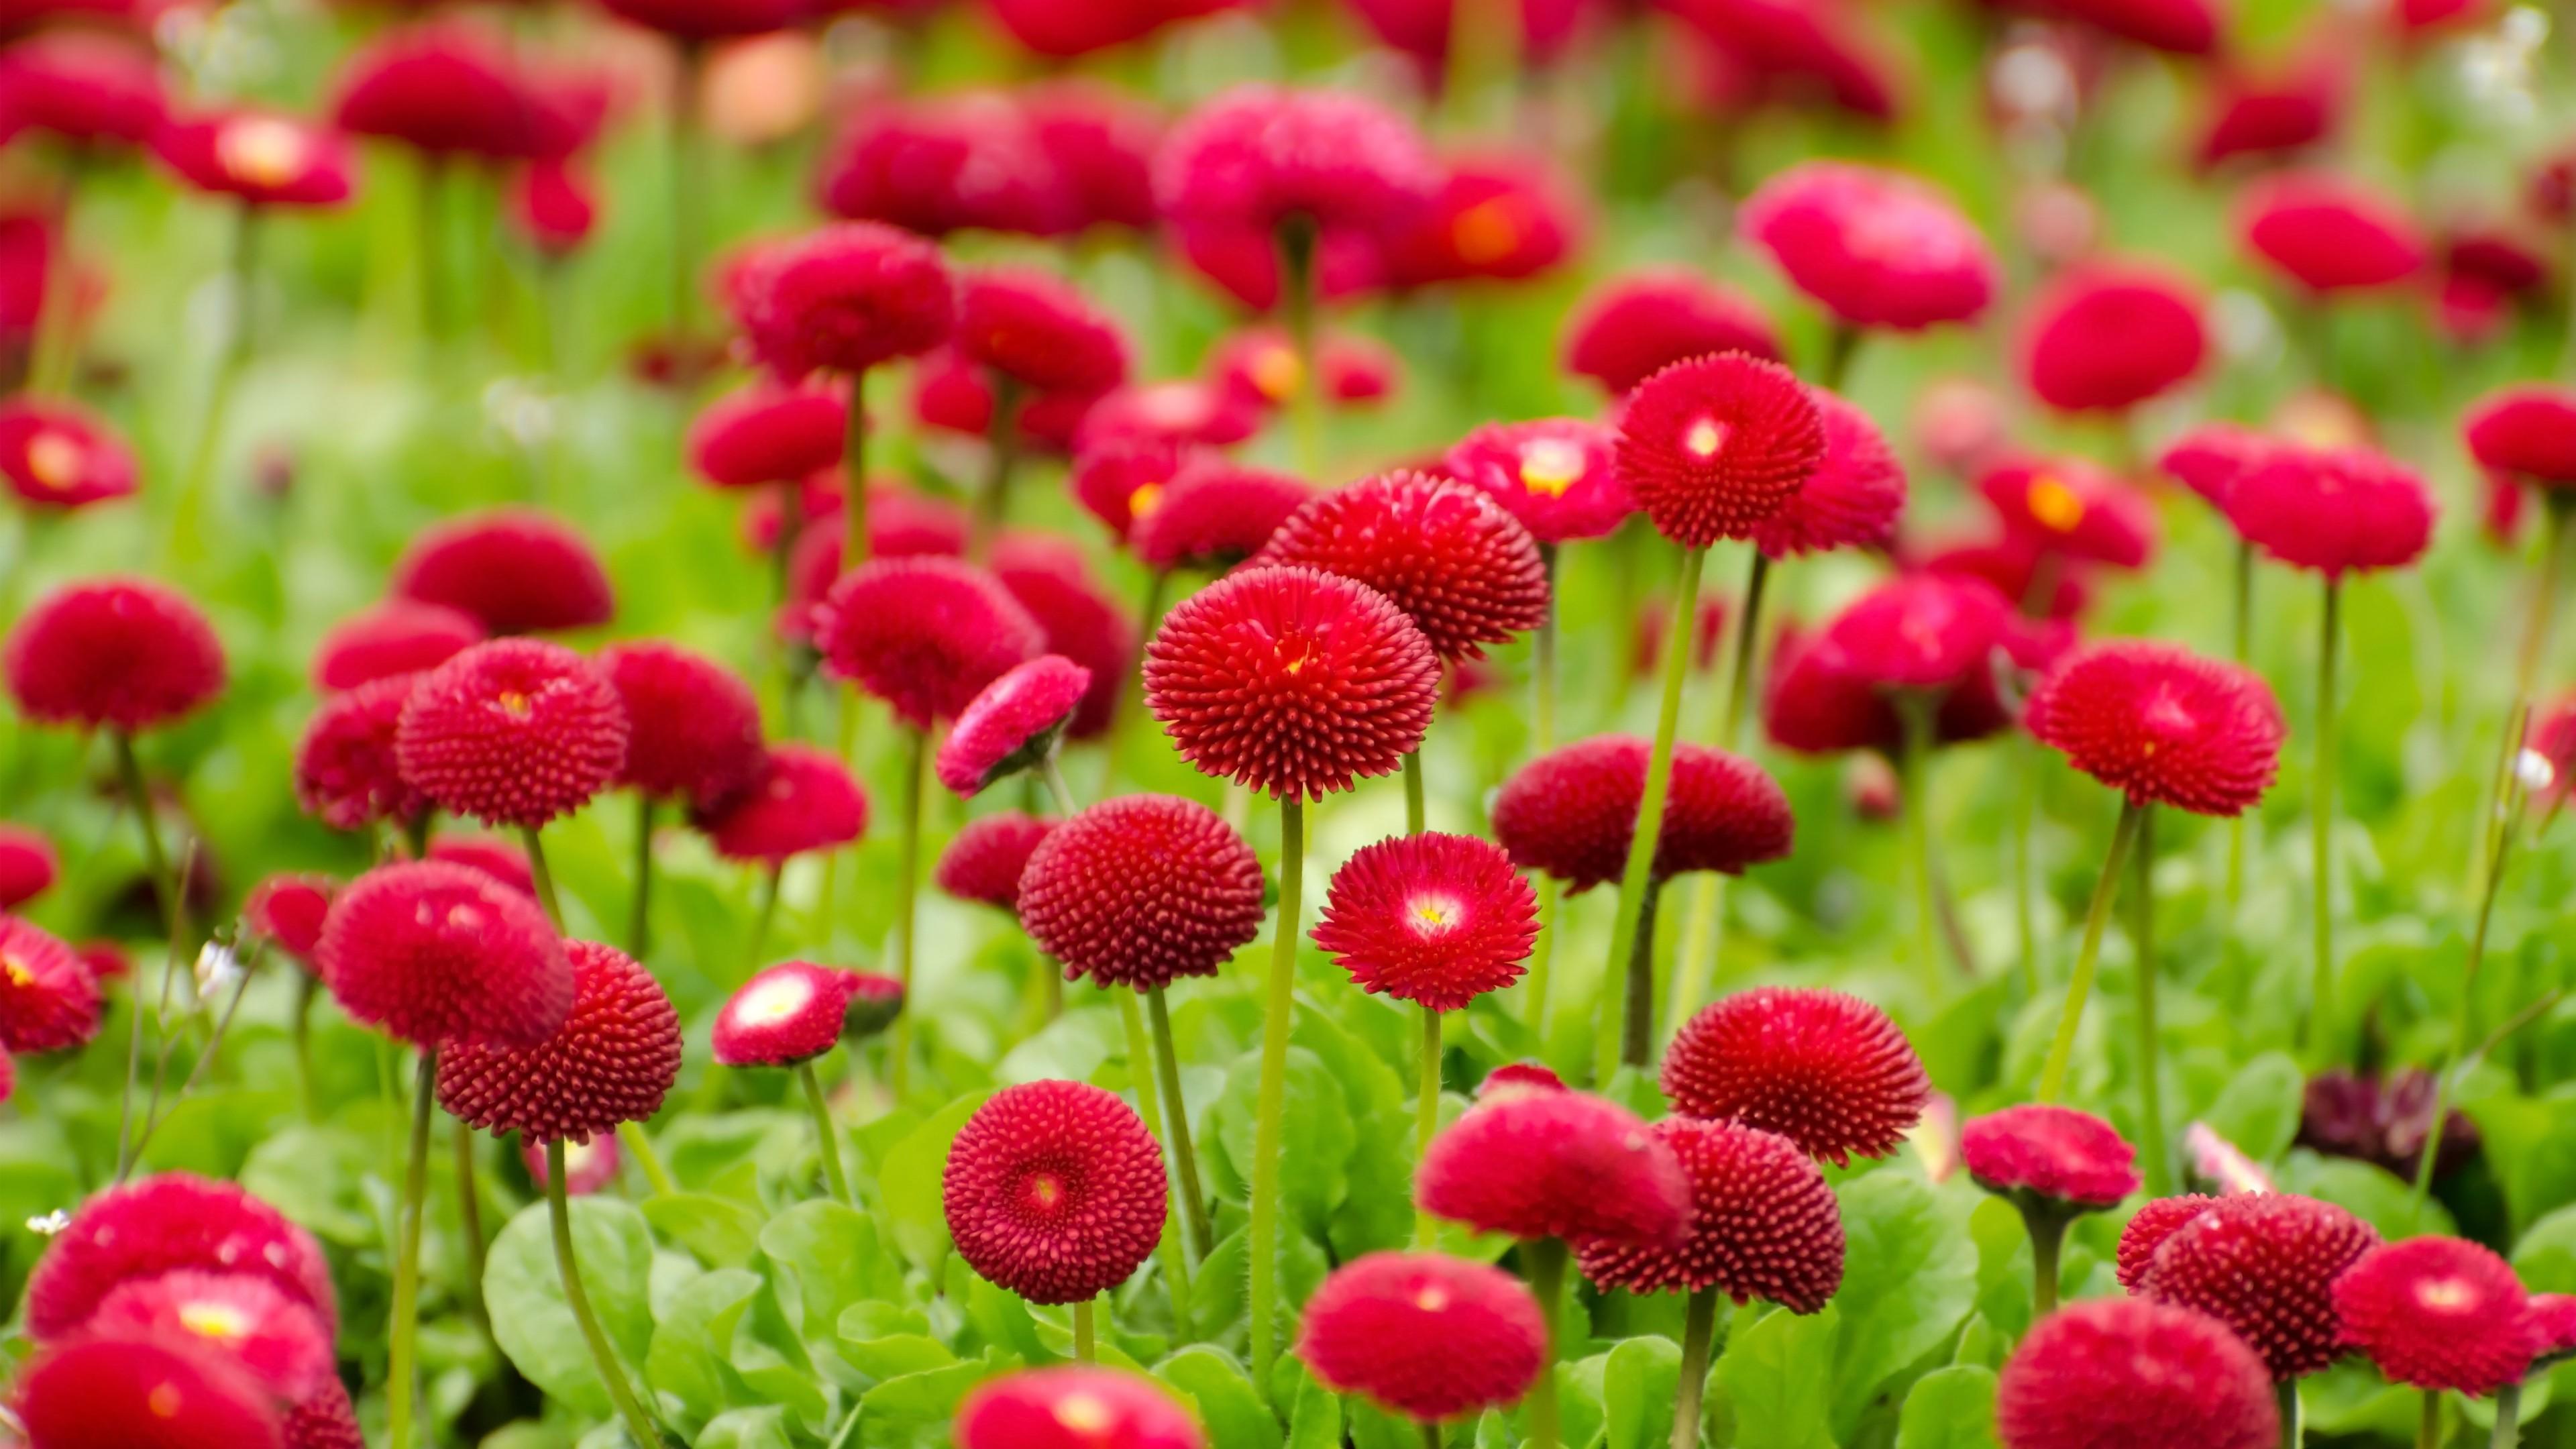 Flowers Summer Red Flowers wallpapers (Desktop, Phone, Tablet ...